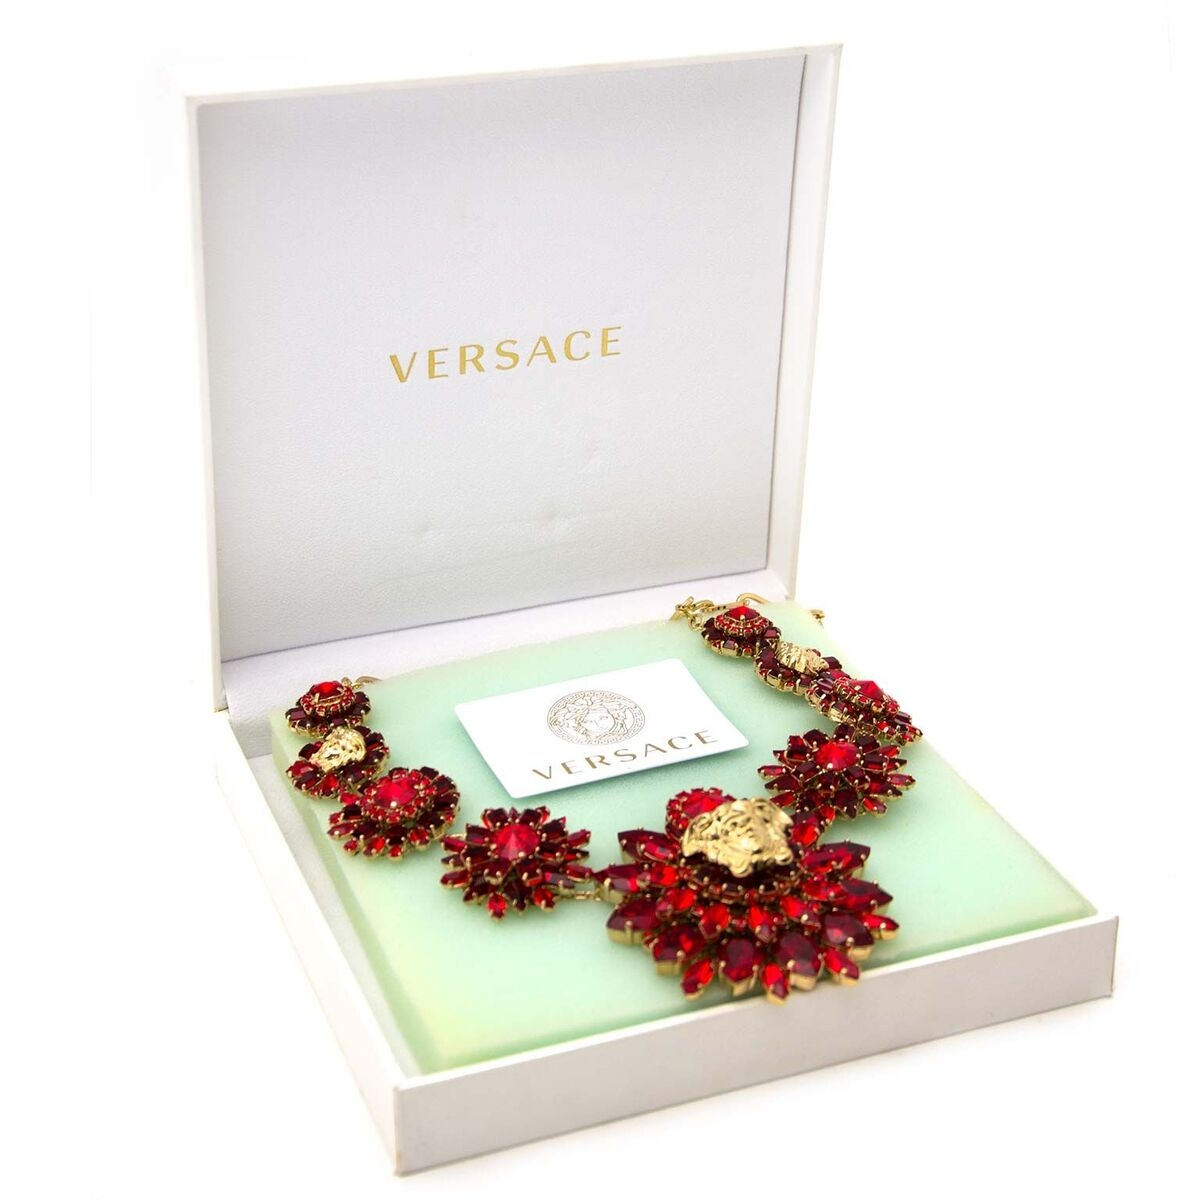 Koop authentieke tweedehands Versace necklace aan een eerlijke prijs bij LabelLOV. Veilig online shoppen.